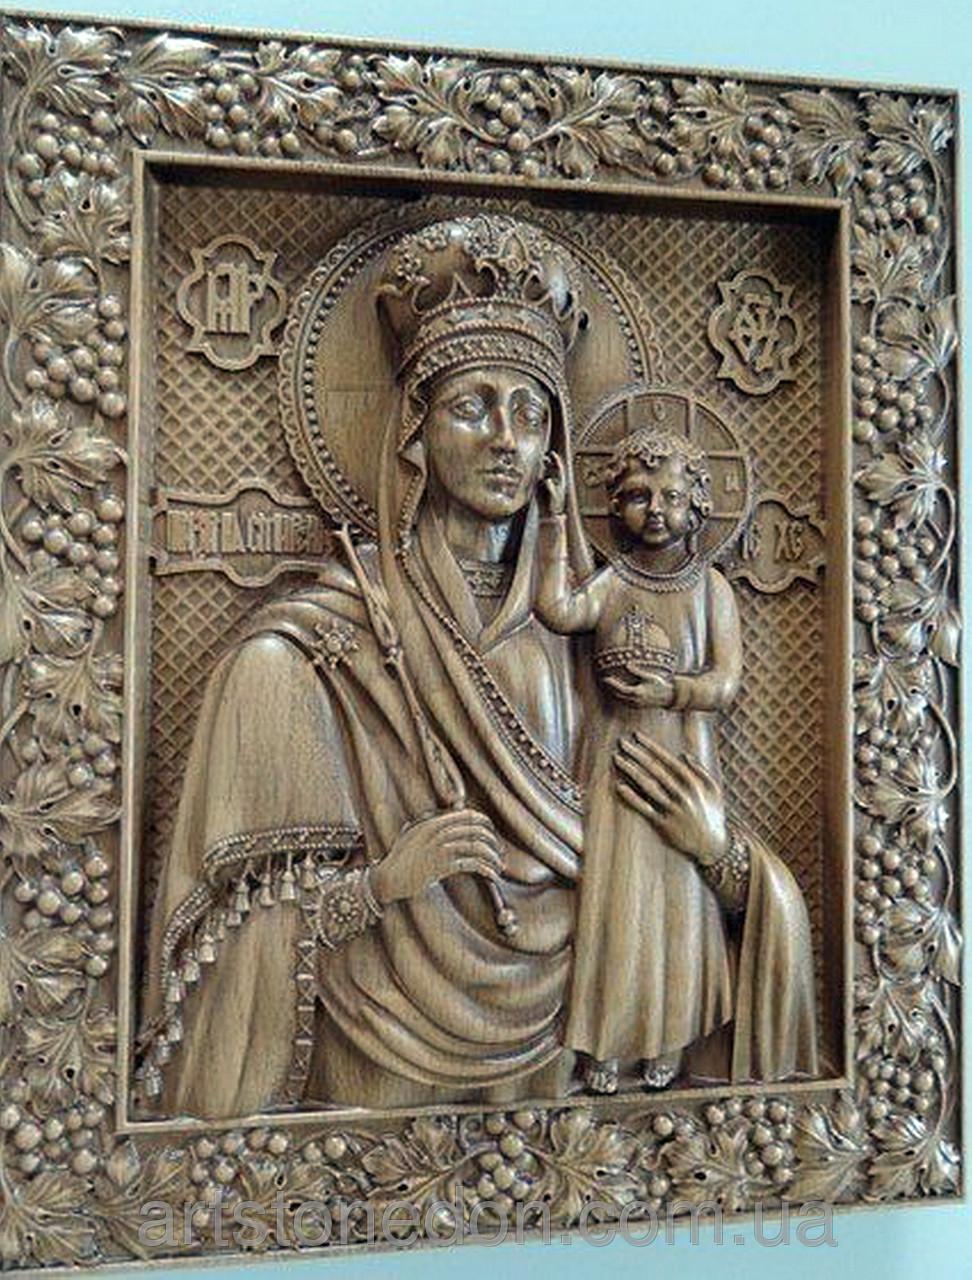 Фото иконы божьей матери всех скорбящих